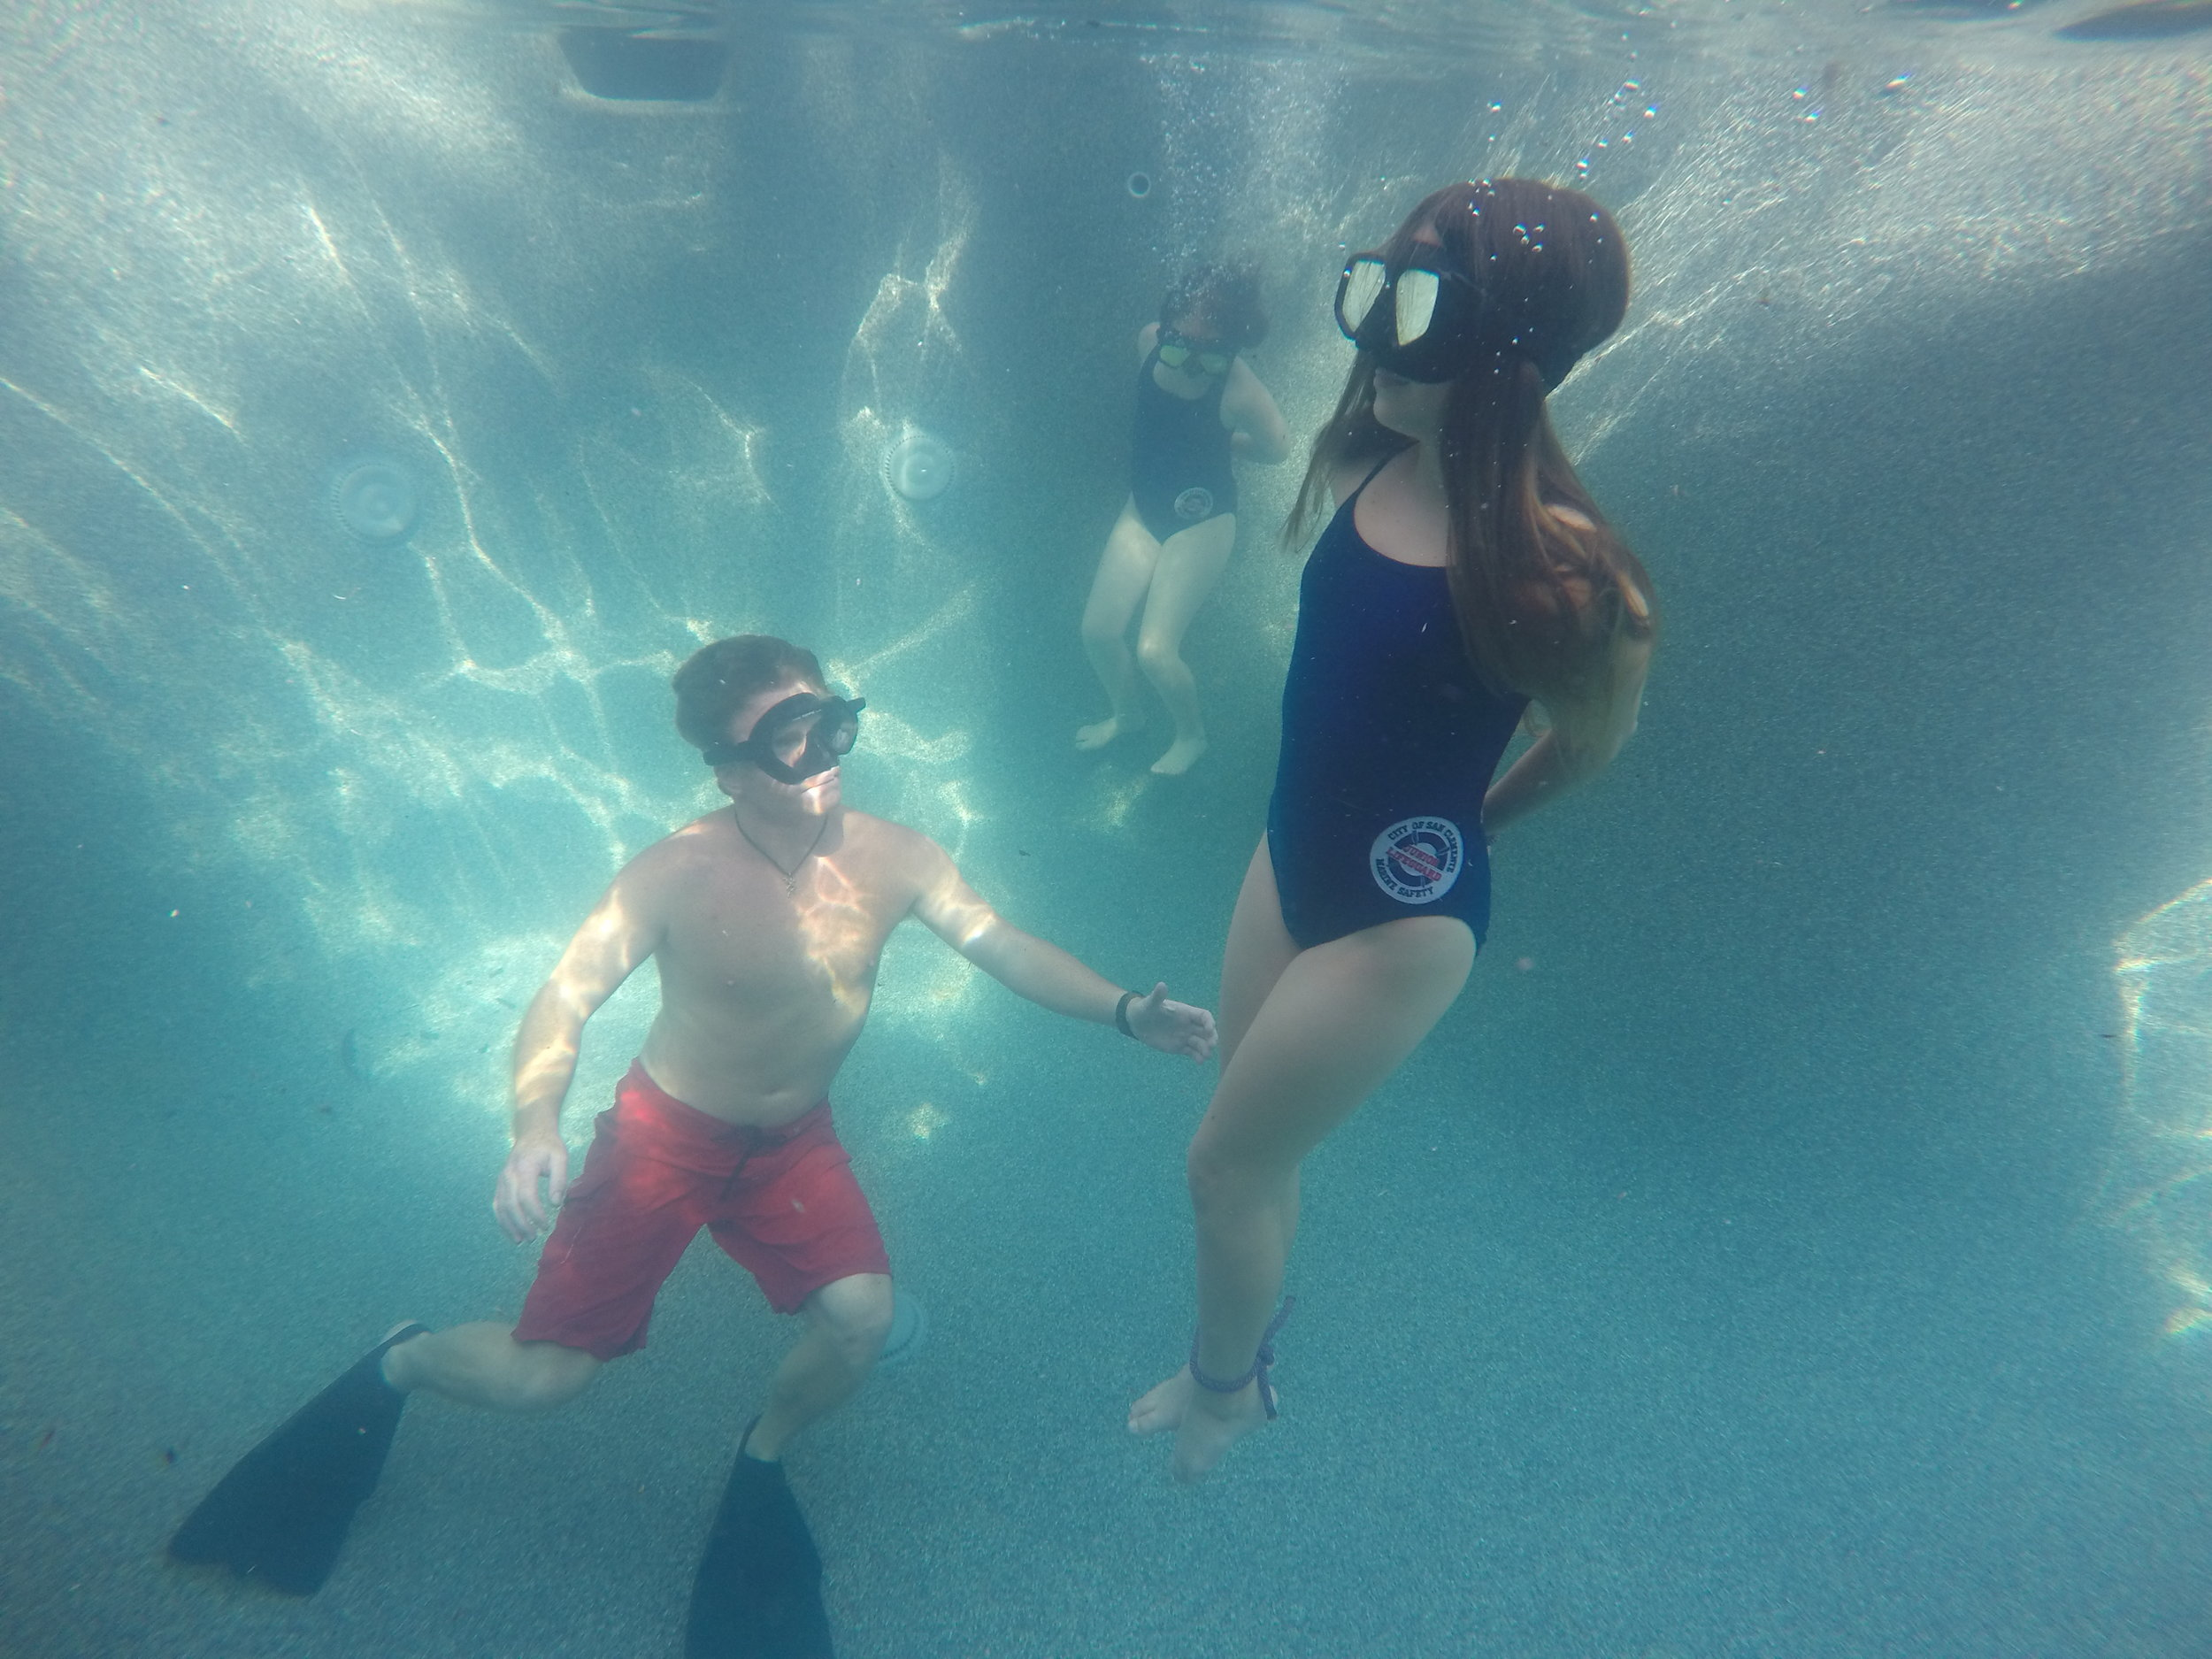 Water Under Drown Proofing seal pup water ella lea eric GOPR0857.JPG